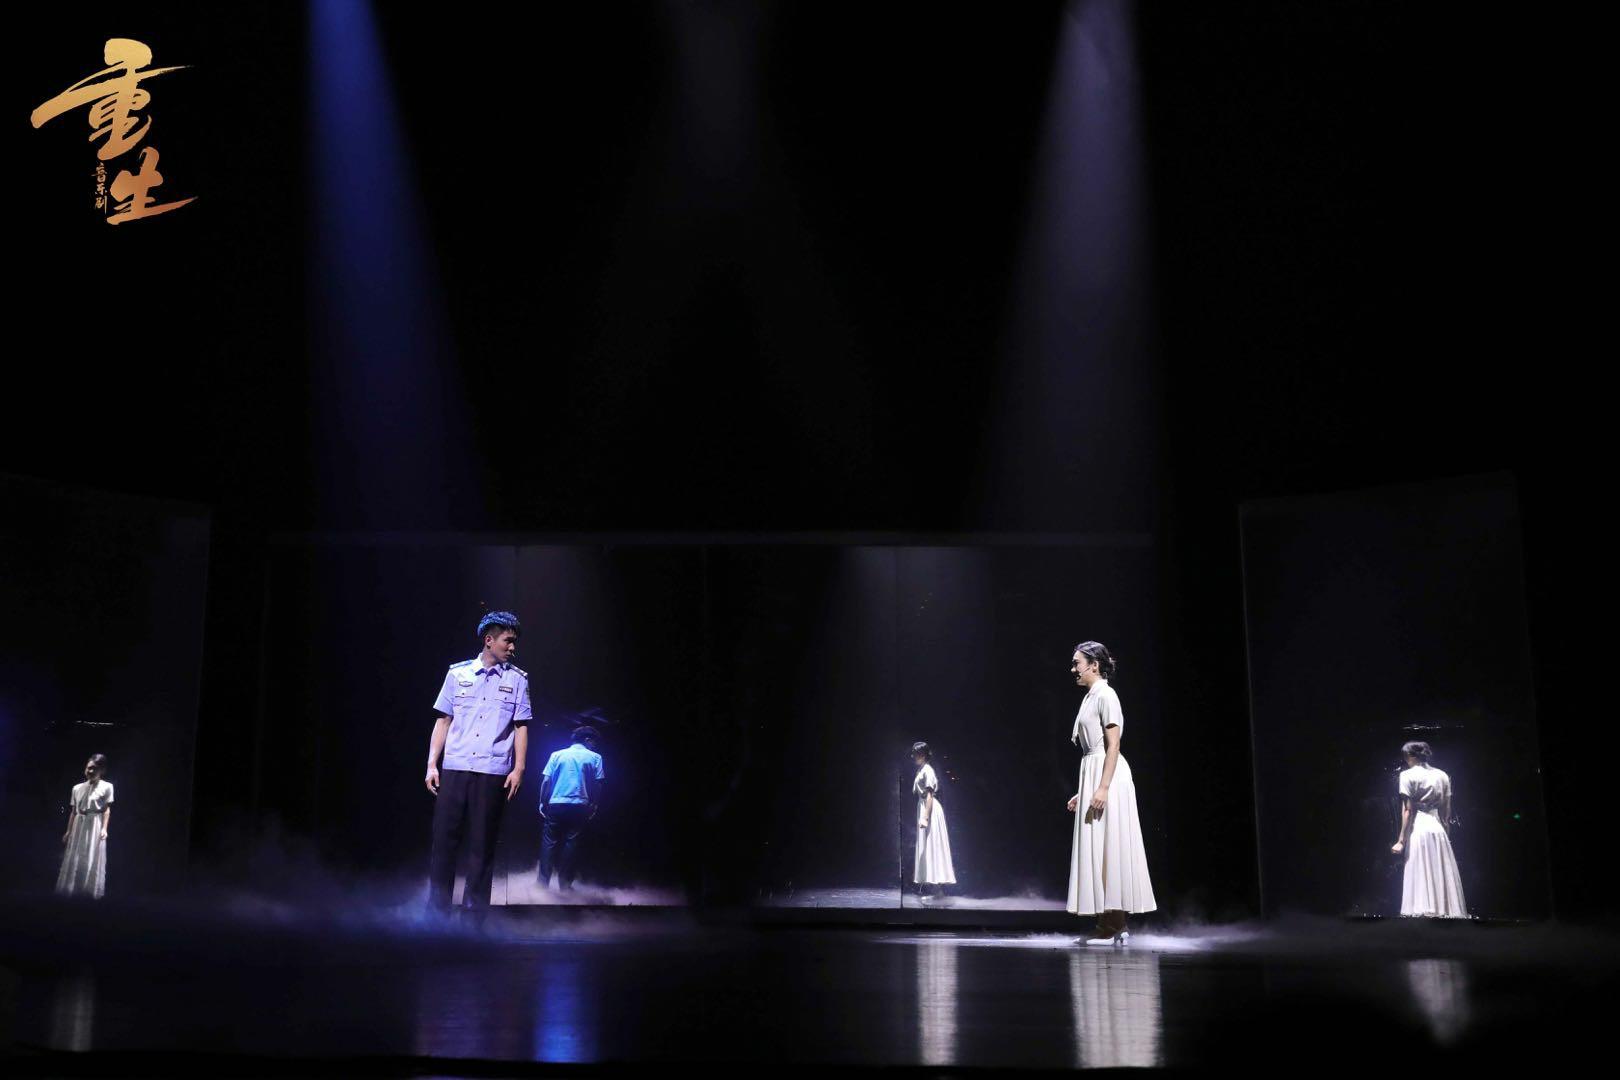 国内首部禁毒题材音乐剧《重生》首演 致敬时代英雄